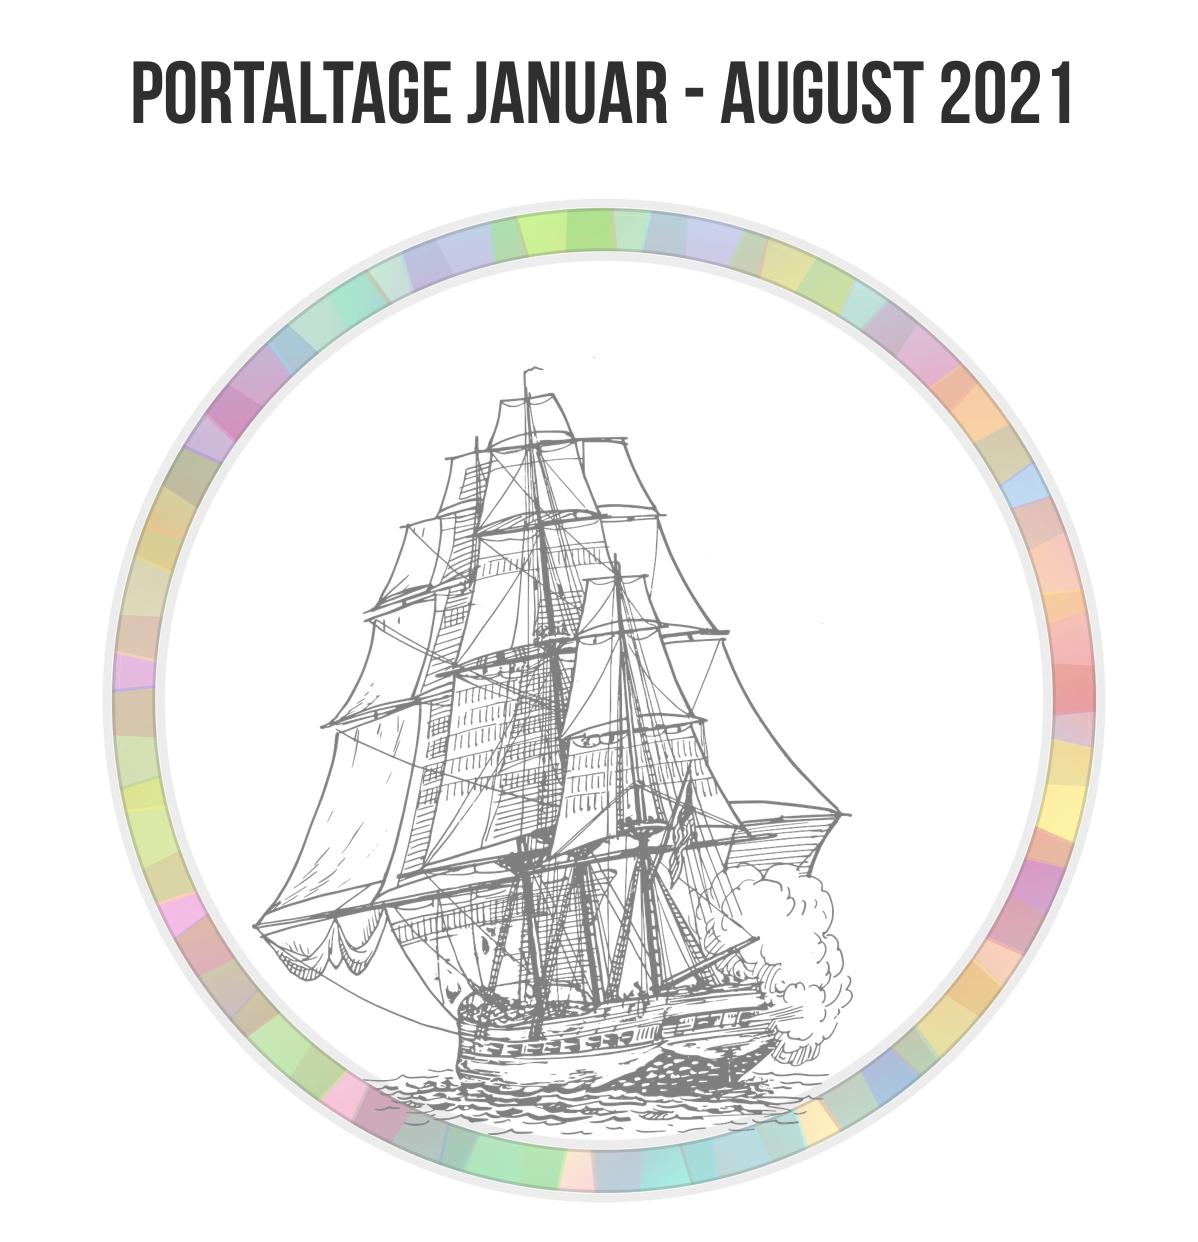 Übersicht Portaltage 1. und 2. Halbjahr 2021